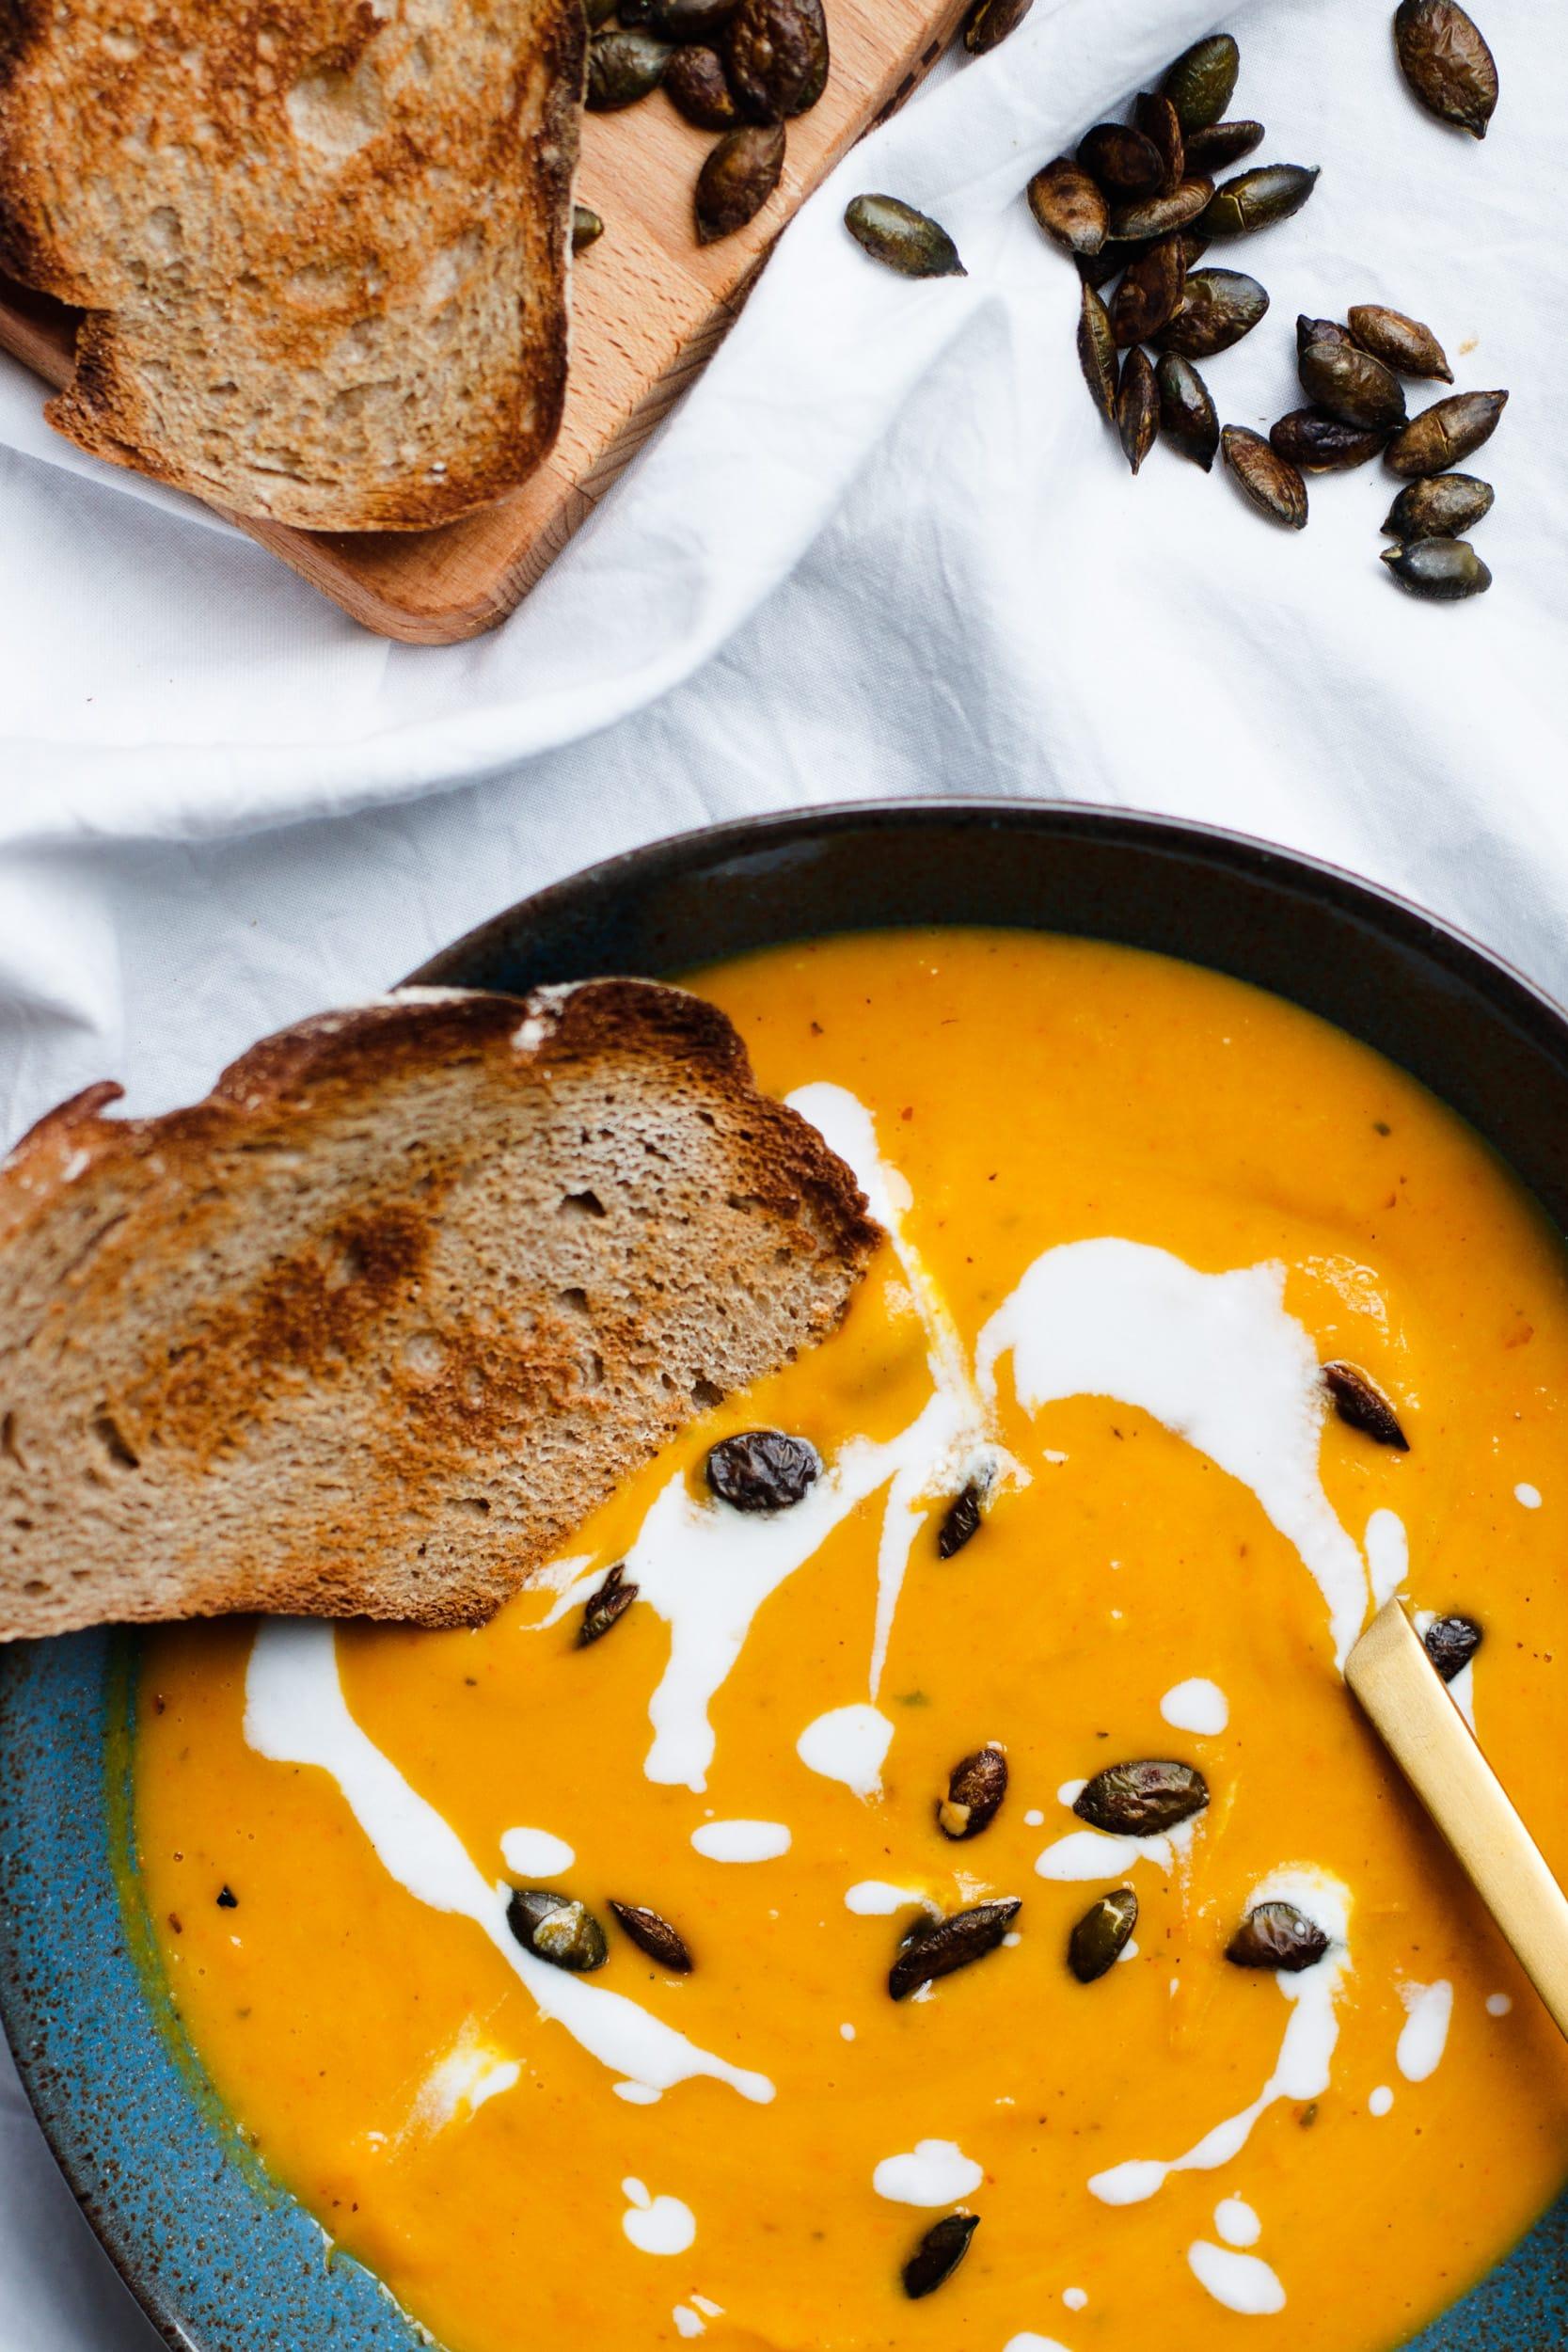 Geröstete Kürbissuppe mit Ingwer und Kokosmilch | Rezept | Einfach | Vegan | ivy.Geröstete Kürbissuppe mit Ingwer und Kokosmilch | Rezept | Einfach | Vegan | ivy.li